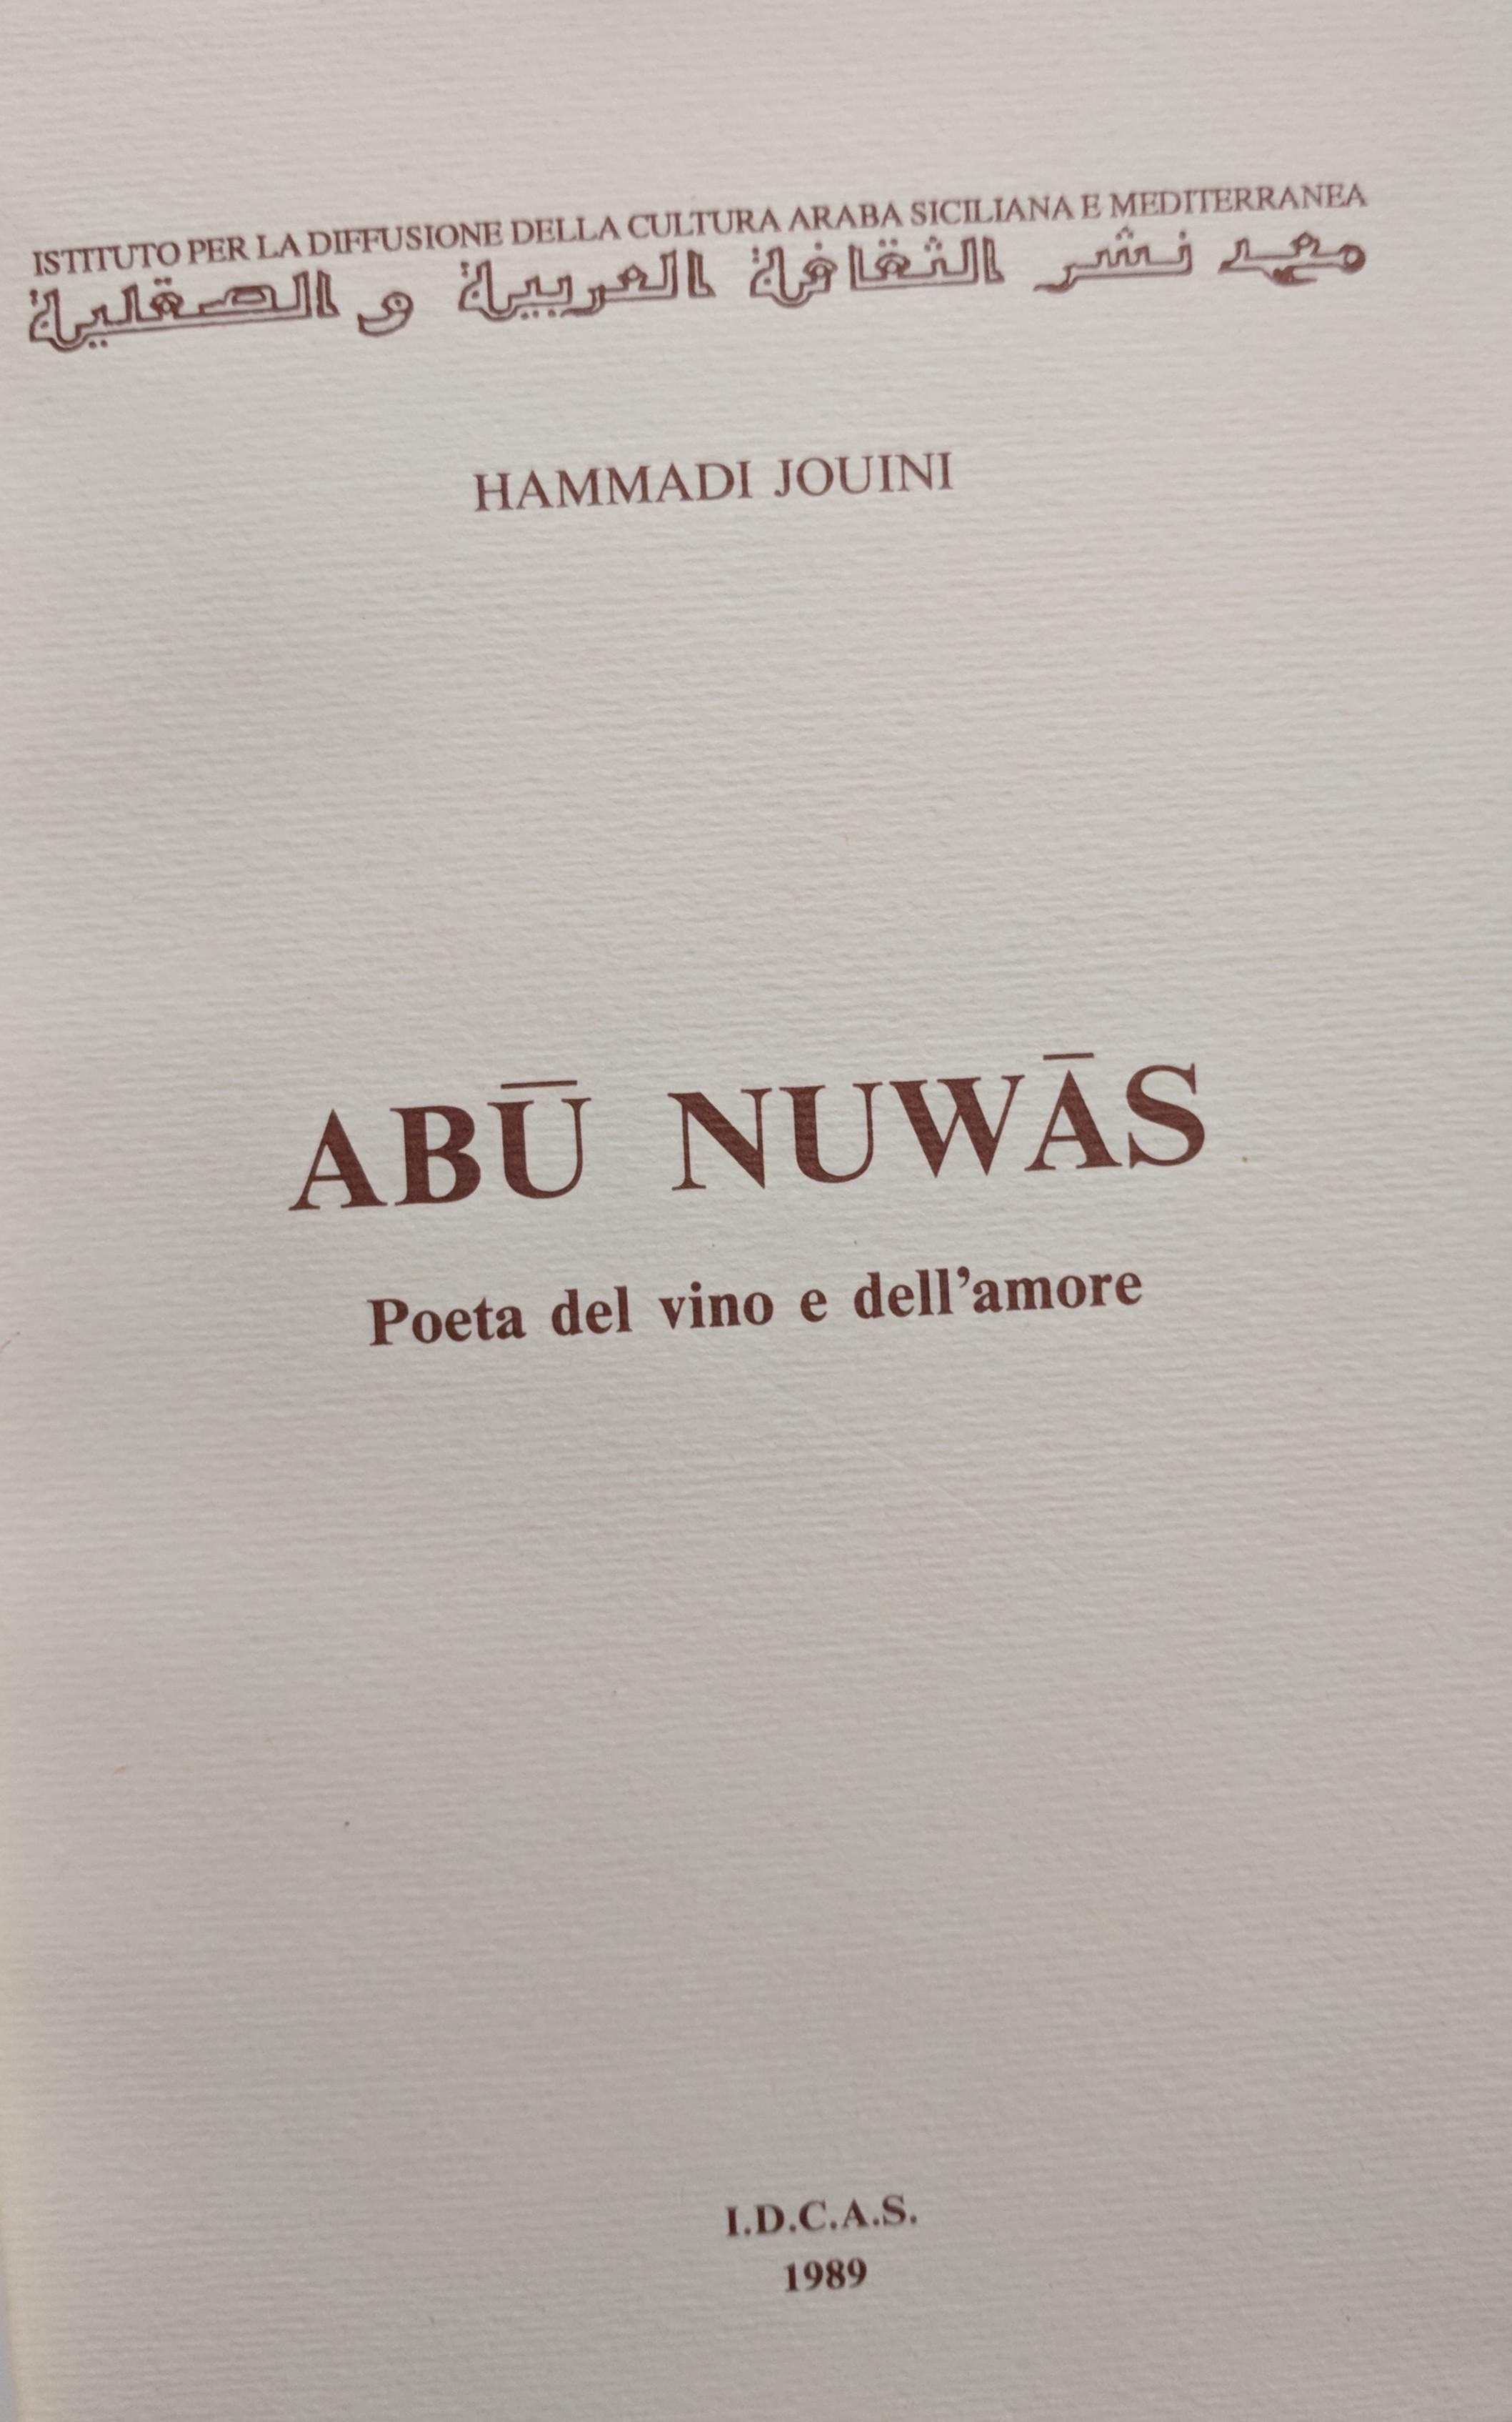 Hammadi Jouini,  Abū Nuwās : poeta del vino e dell'amore (Palermo : I.D.C.A.S., 1989)